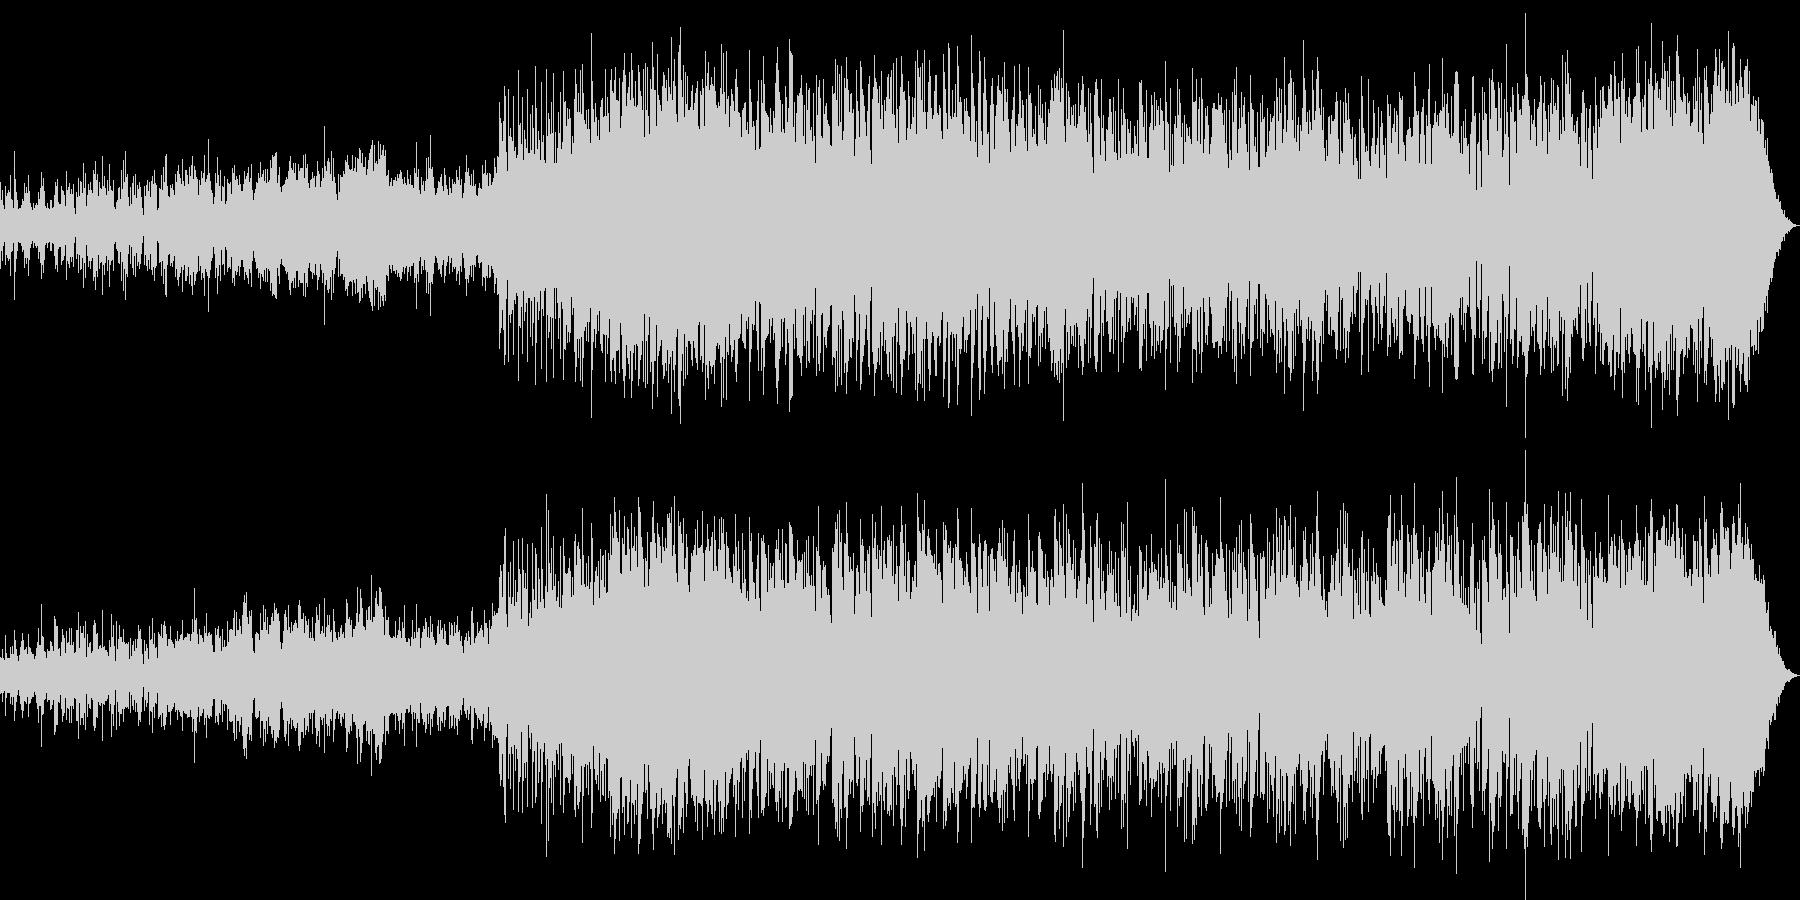 謎めいた不思議なイメージ曲の未再生の波形